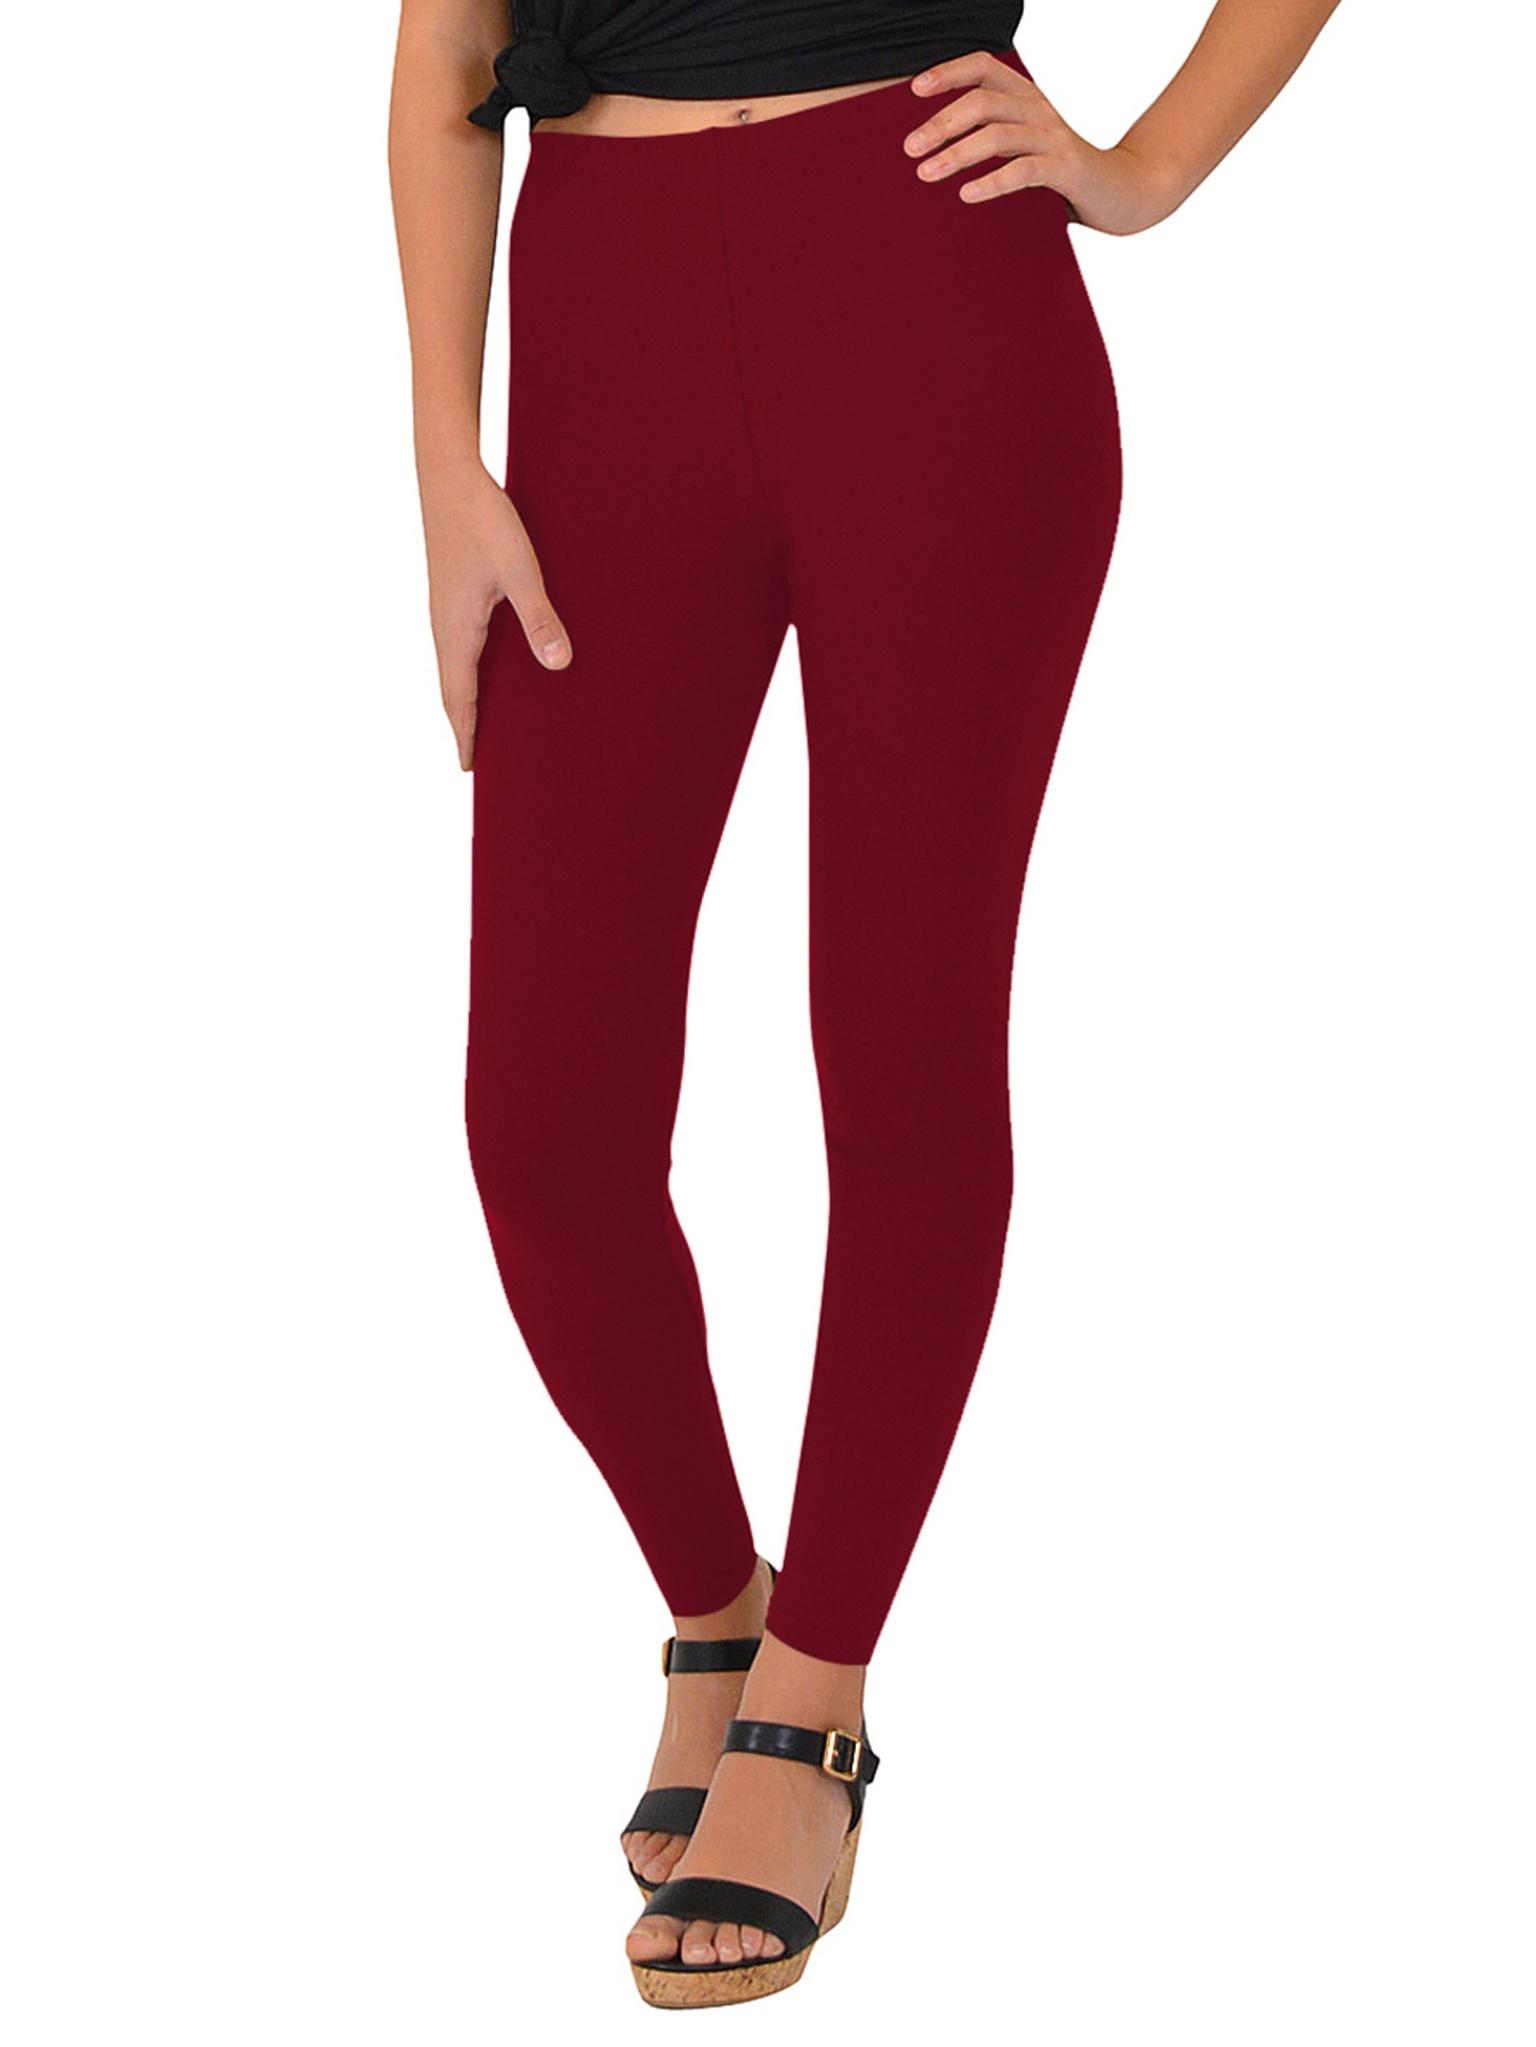 Women's Cotton Leggings - X-Large Adult (12-14) / Beige